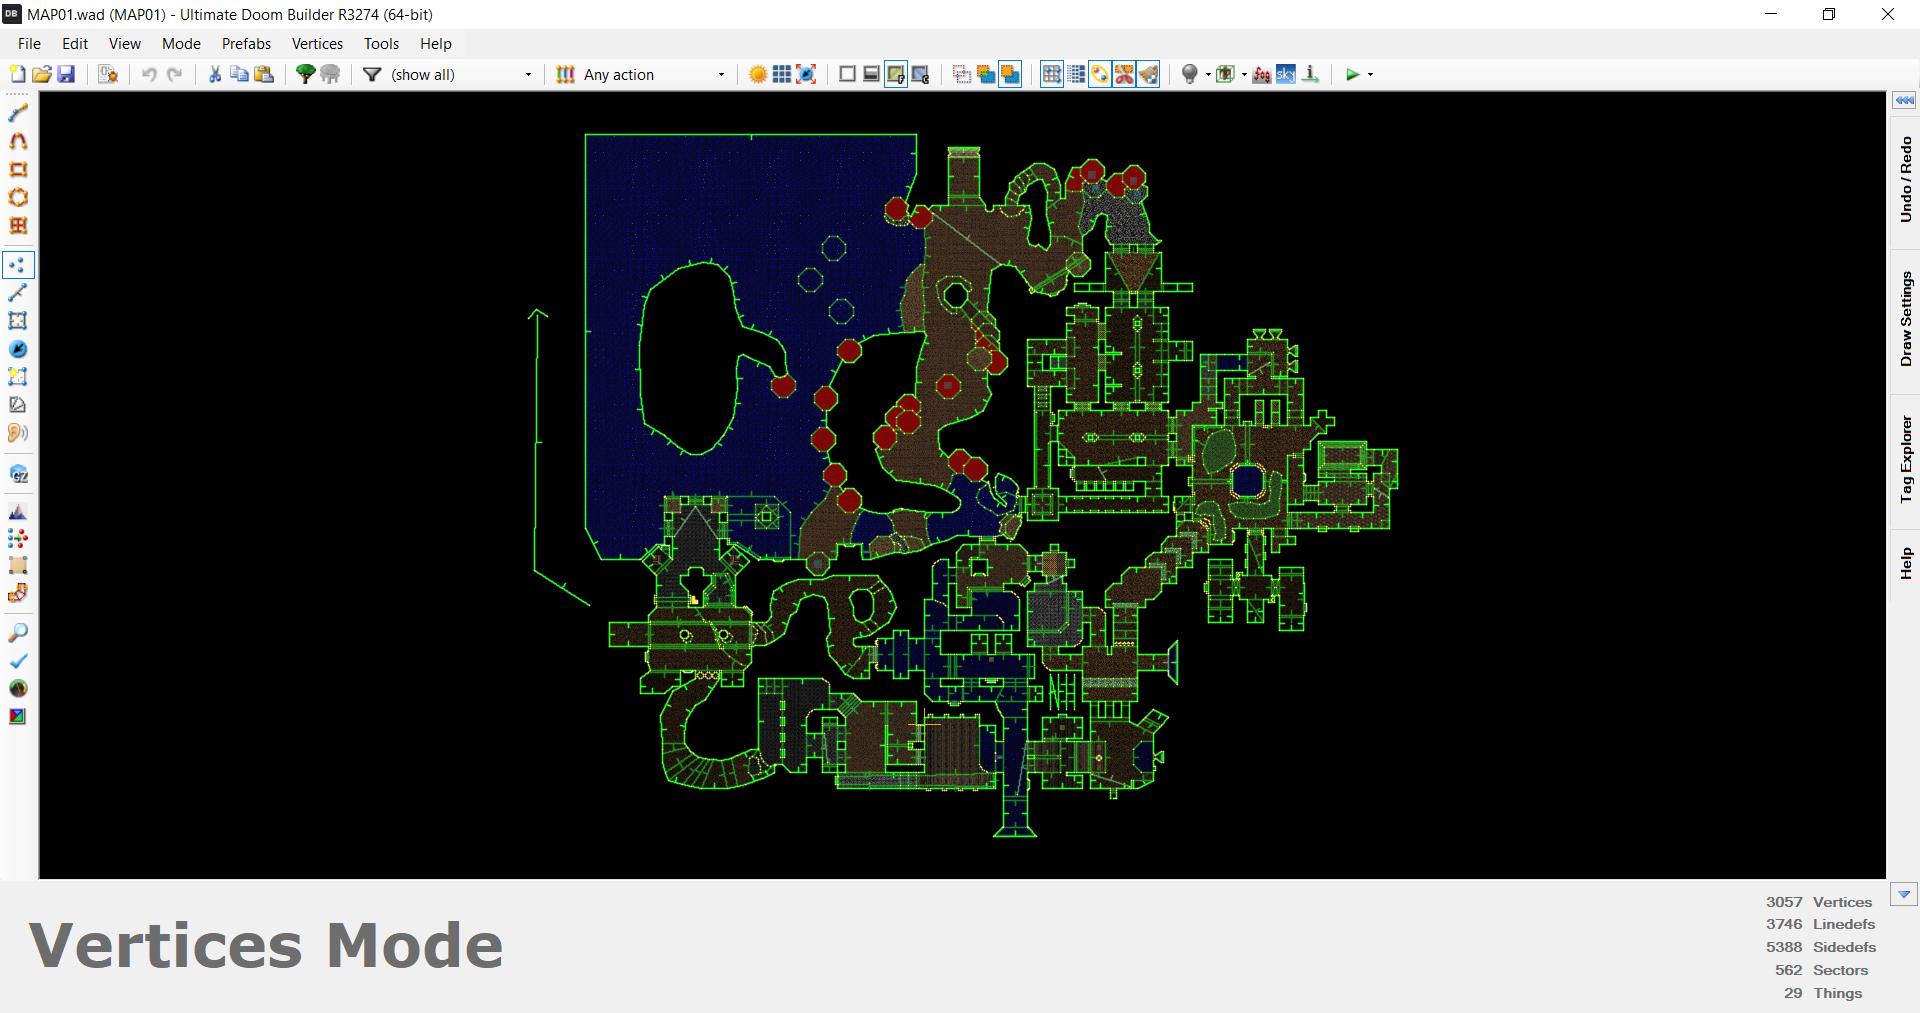 143962309_MAP01.wad(MAP01)-UltimateDoomBuilderR3274(64-bit)2021-06-2516_35_03.png.30d0432e8d54178cab8fb697cf6d4ac2.png